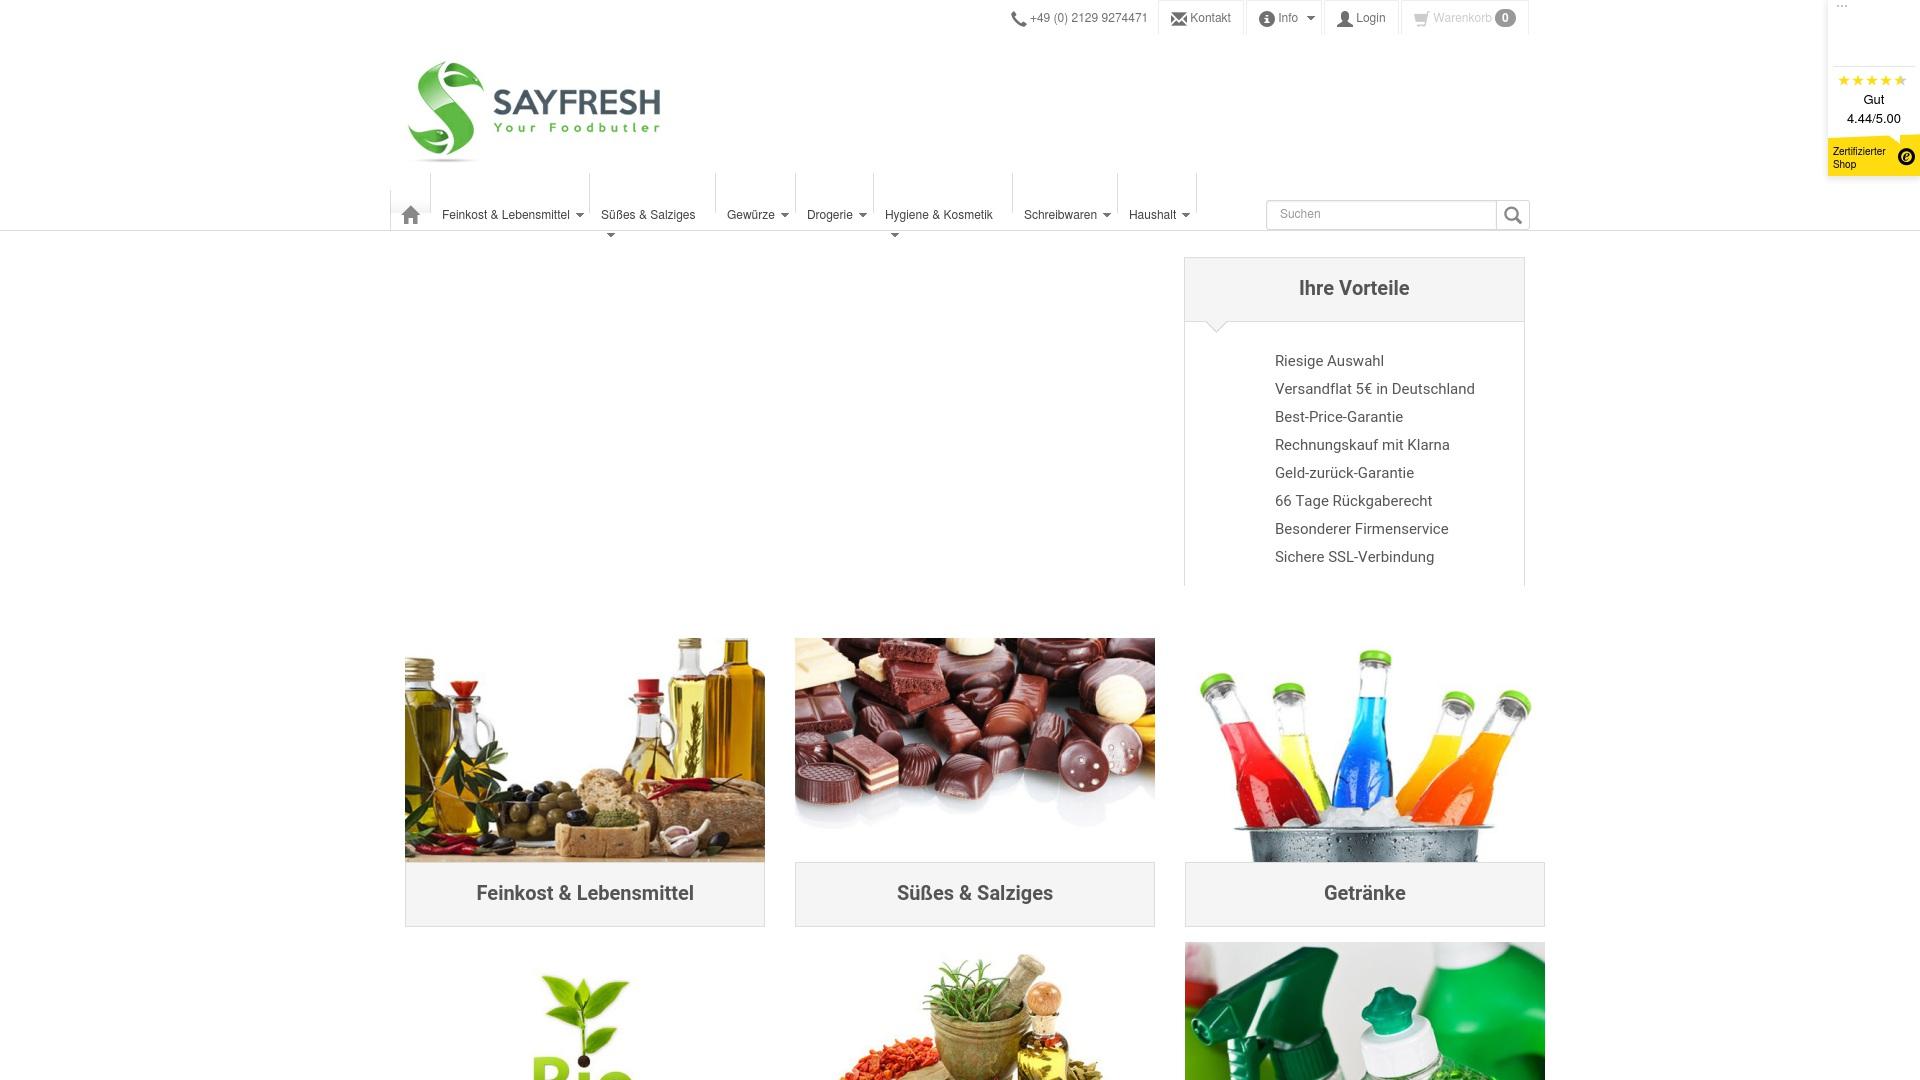 Gutschein für Sayfresh: Rabatte für  Sayfresh sichern